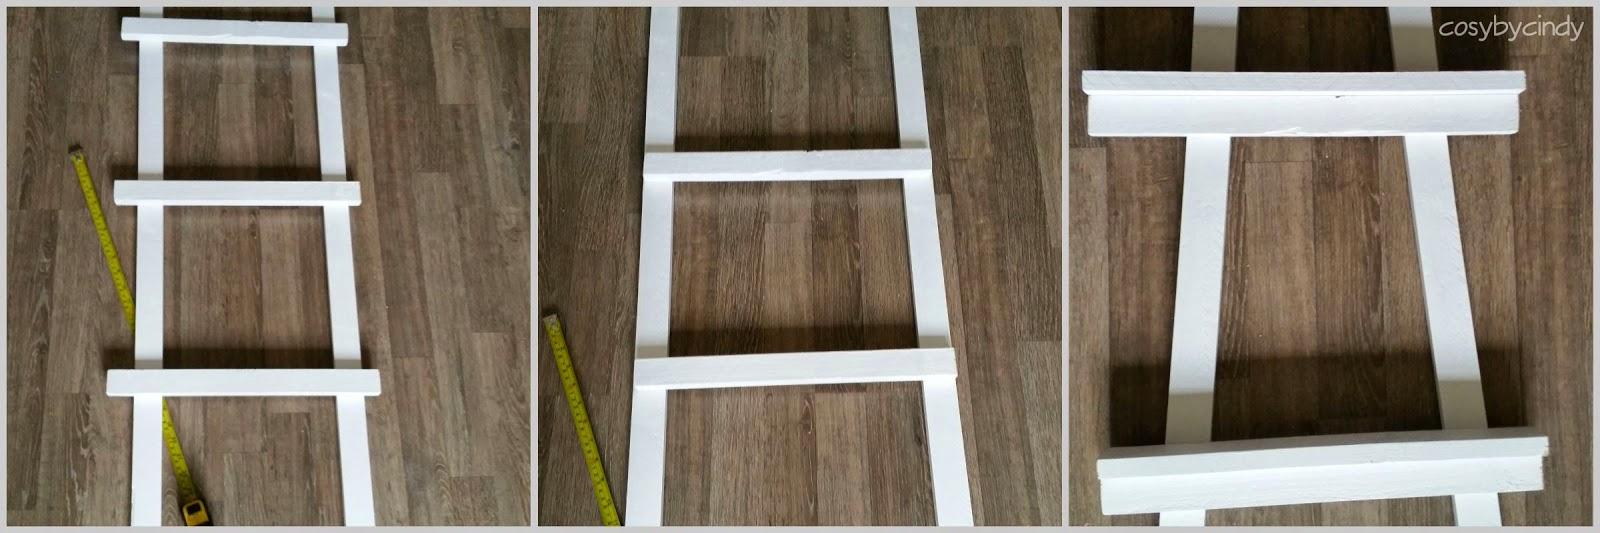 New Zelf Houten Ladder Maken &MU79 – Aboriginaltourismontario &ZM36